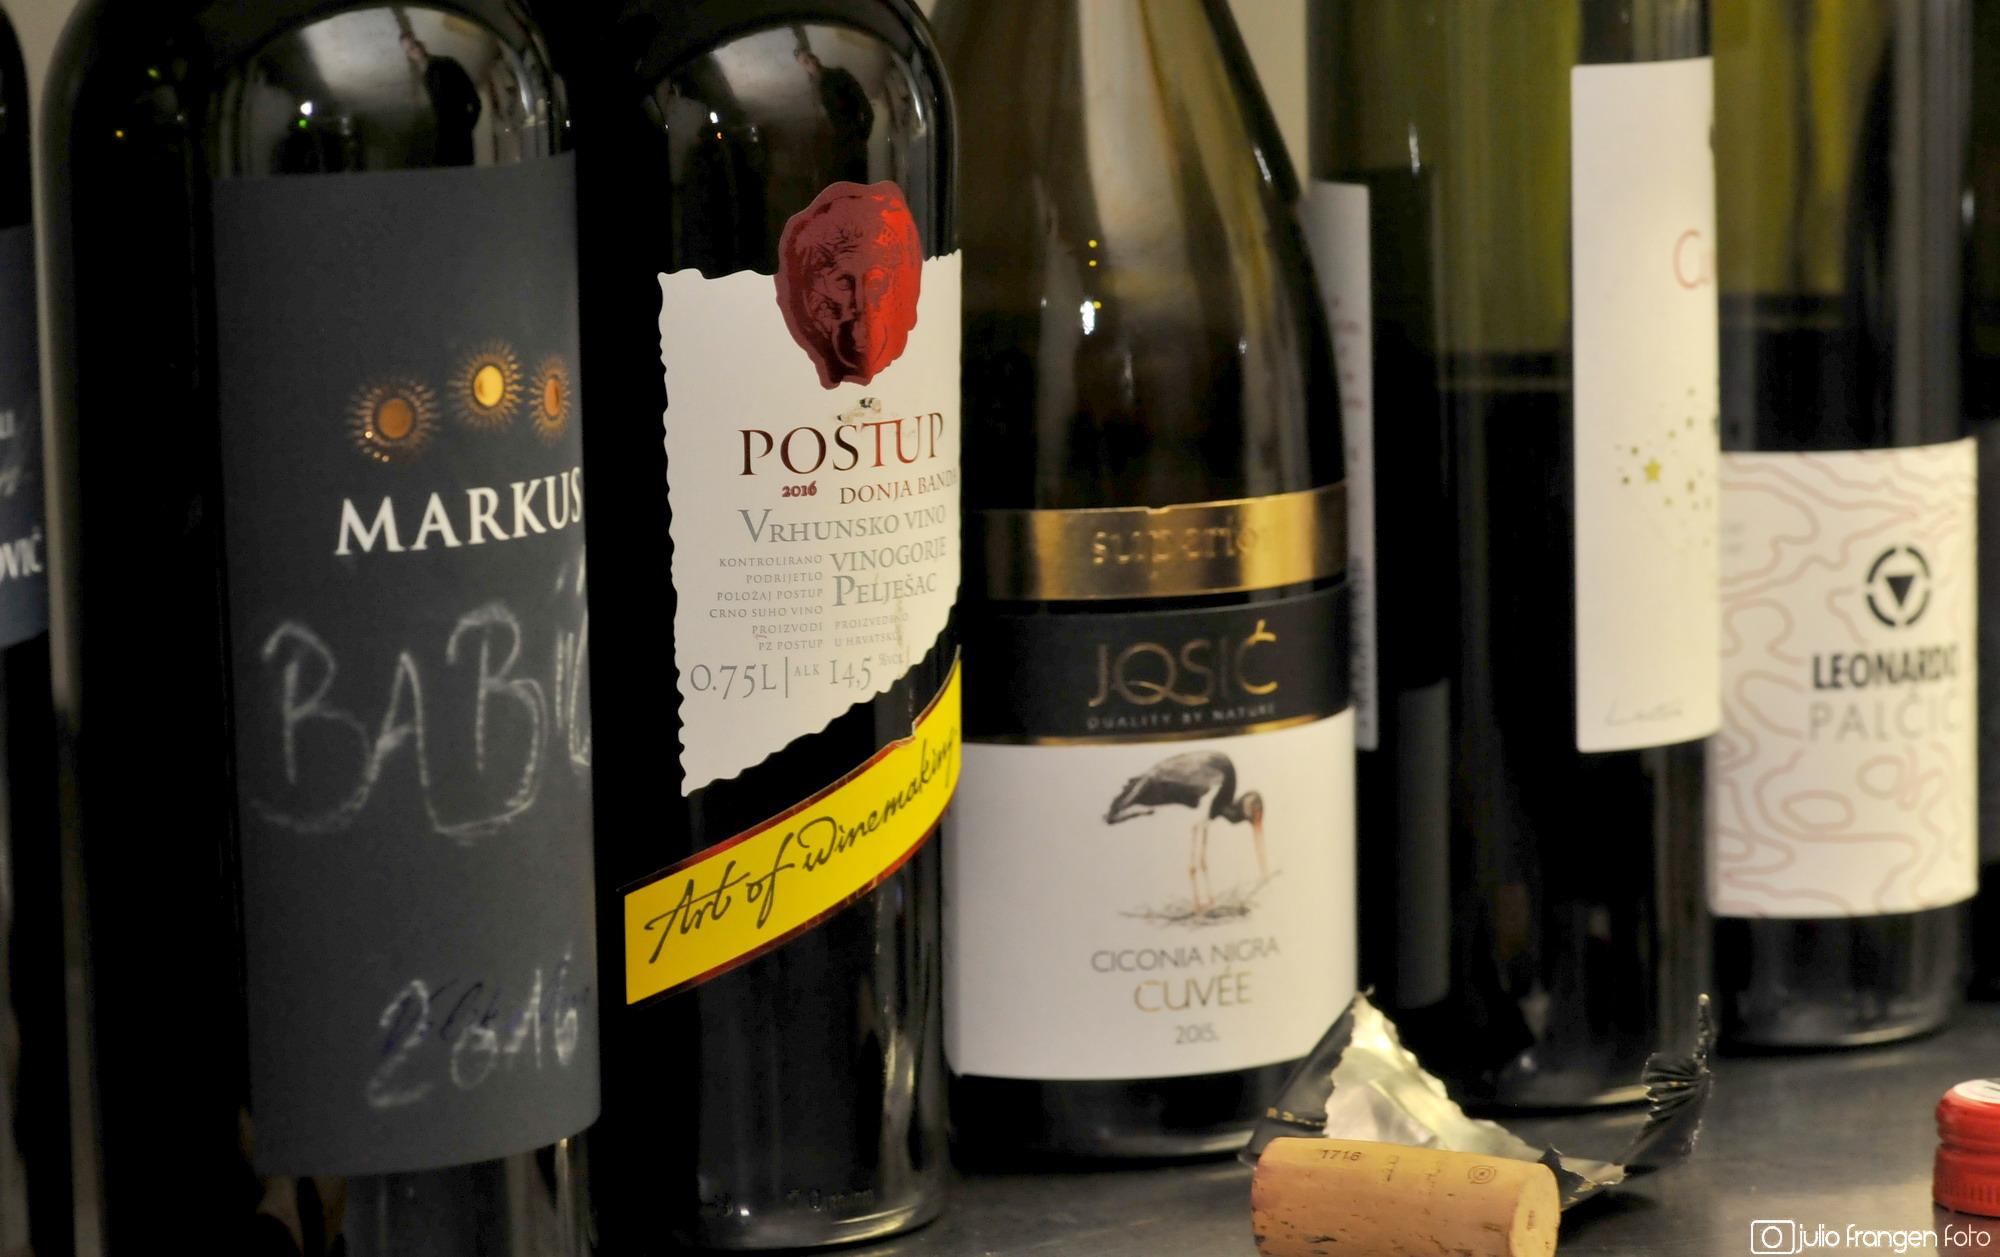 VINSKE ZVIJEZDE 2019 (1): veliko zlato za muškat žuti Allegro vinarije Dobravac, okružen lijepim crnjacima!